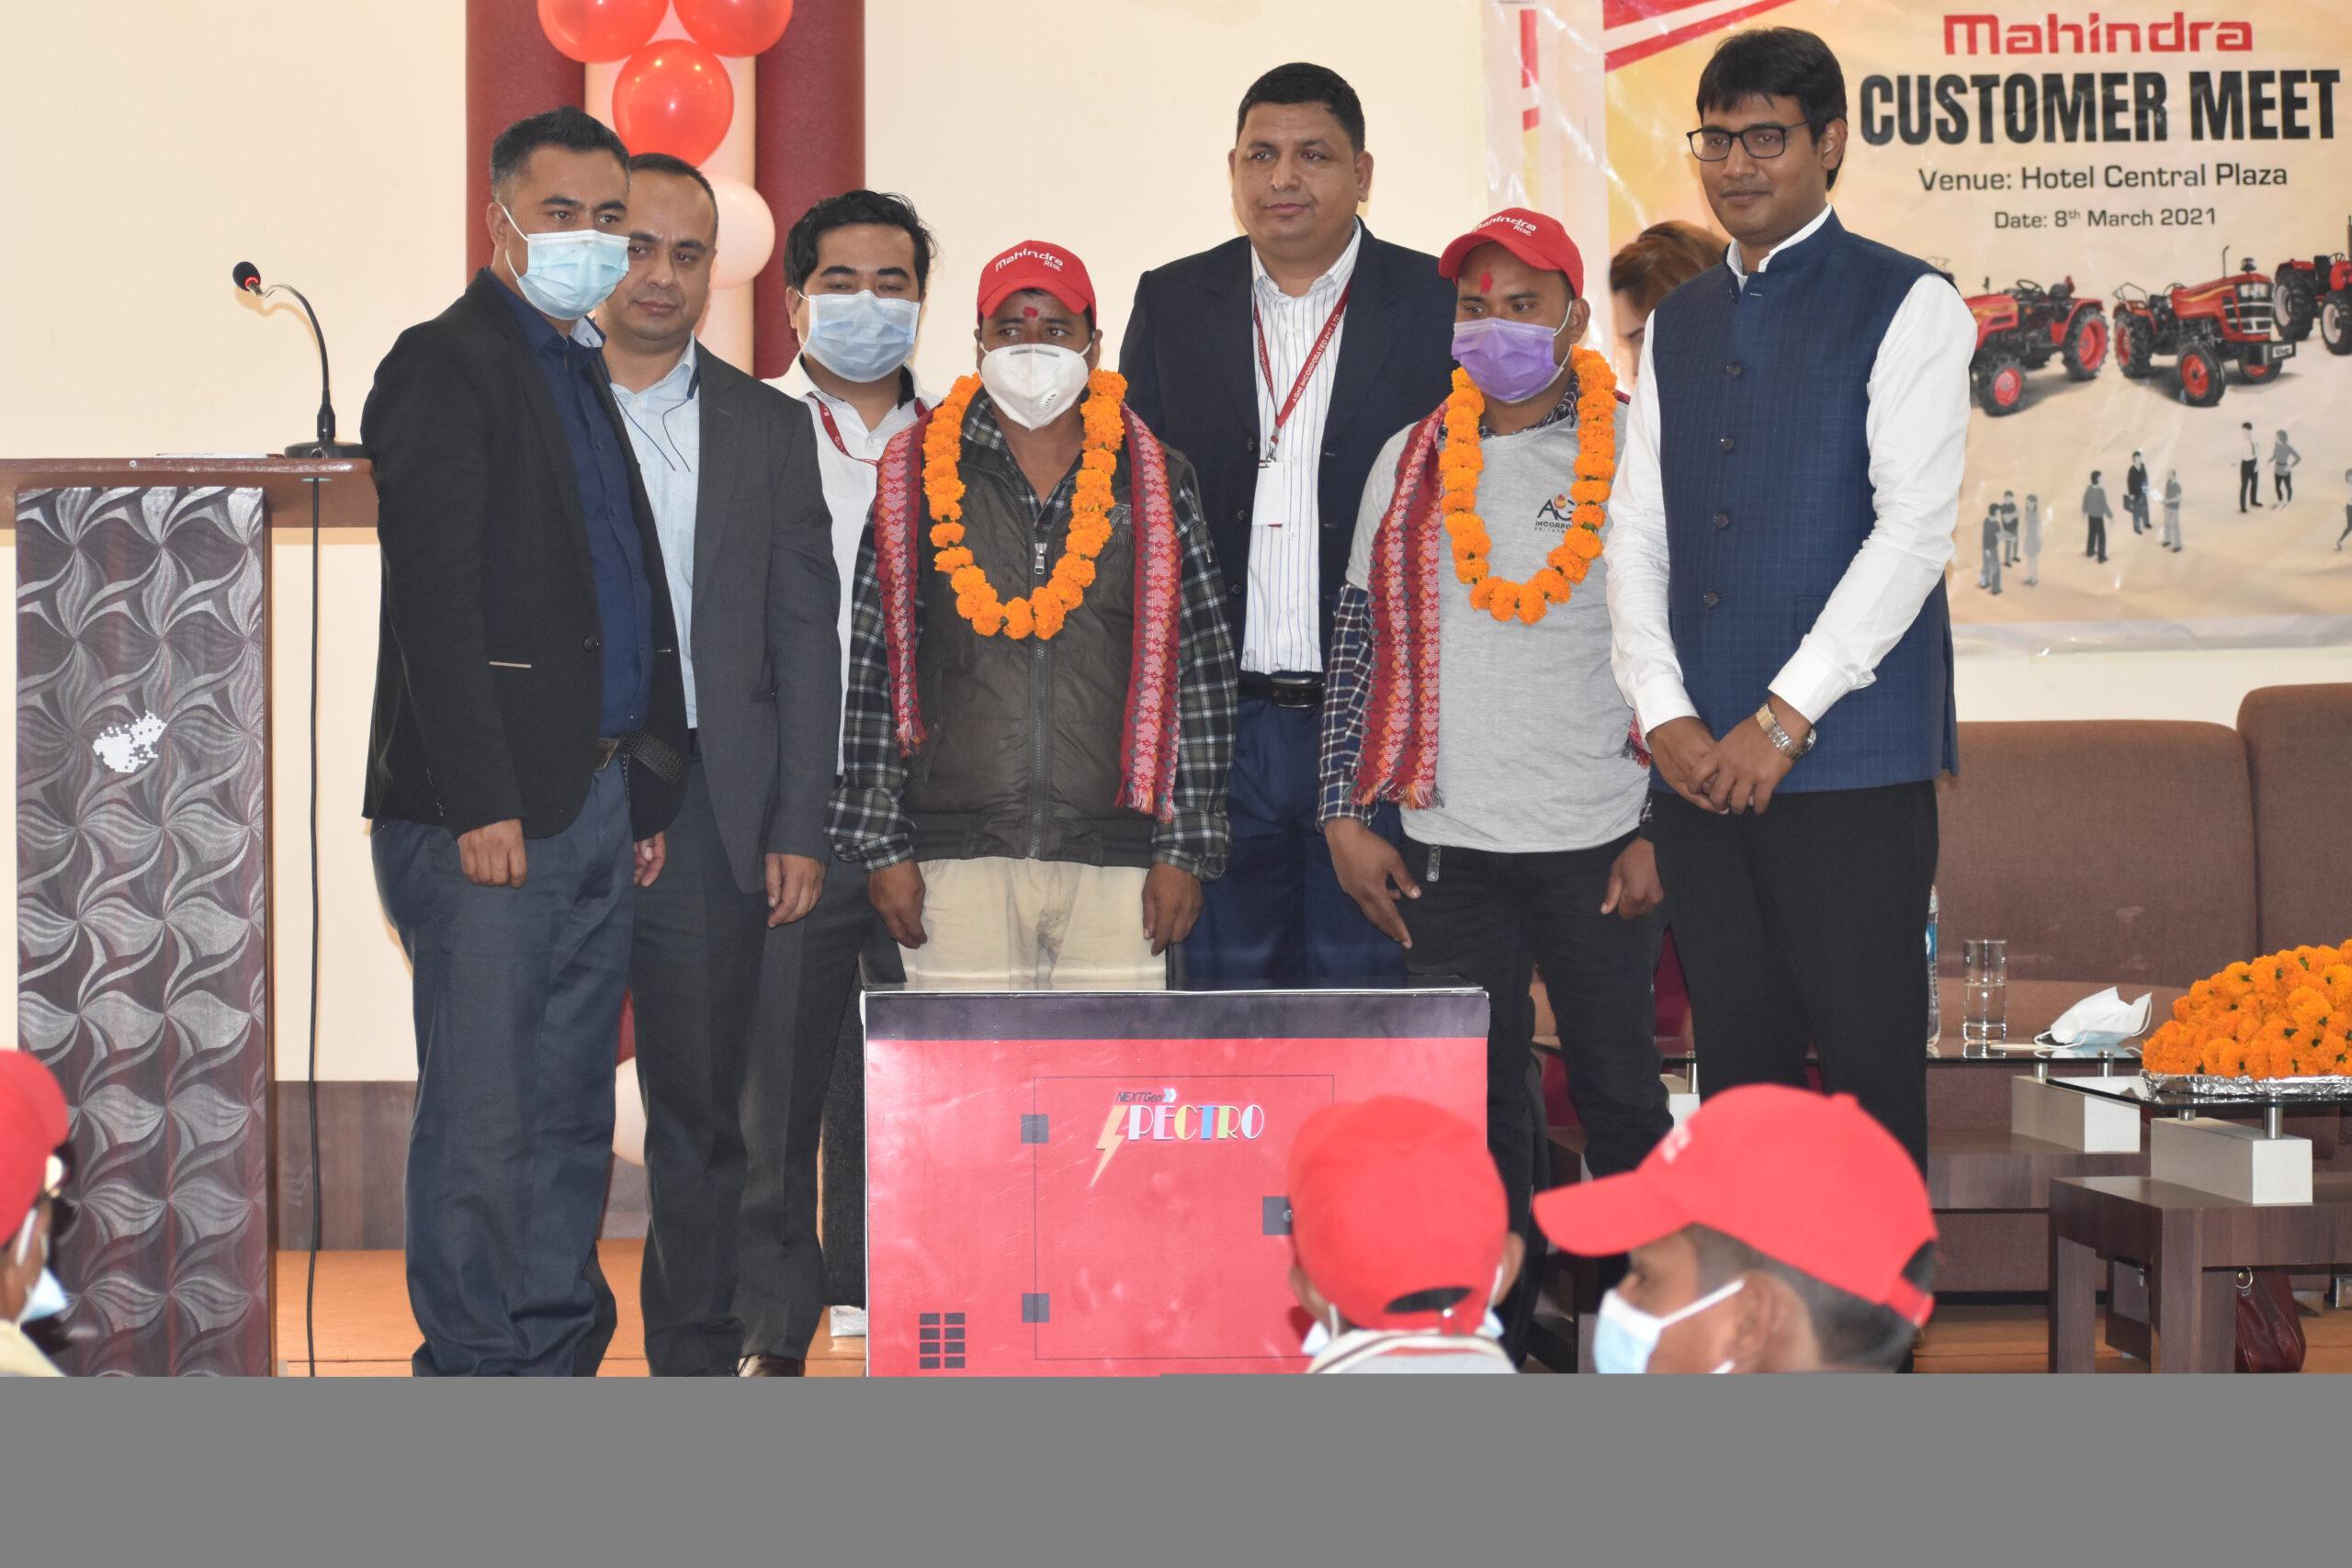 महिन्द्रा ट्रयाक्टर उत्सव योजना नेपालगञ्जका निरन्जना र रामबहादुरलाई